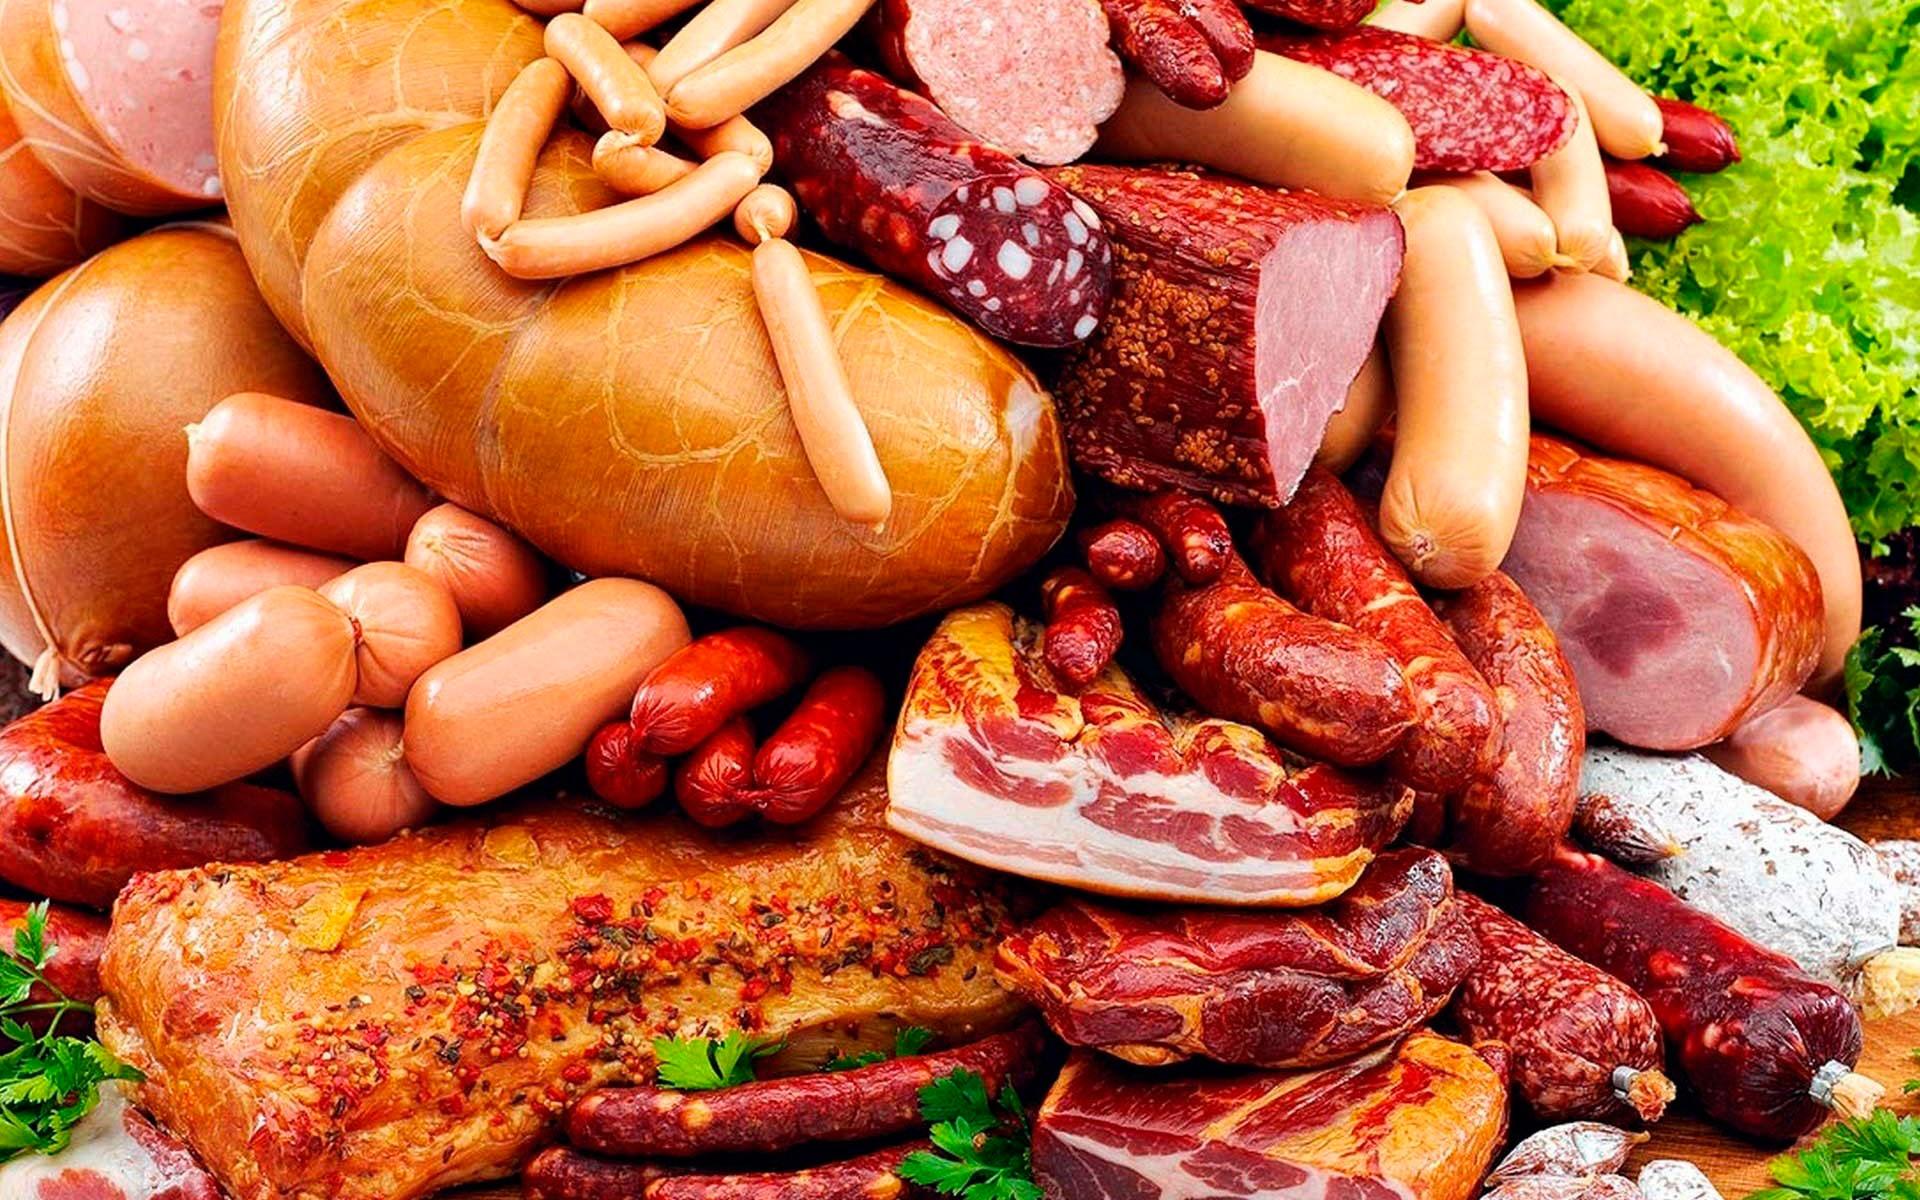 через картинки еды для баннера начальных стадий характерно